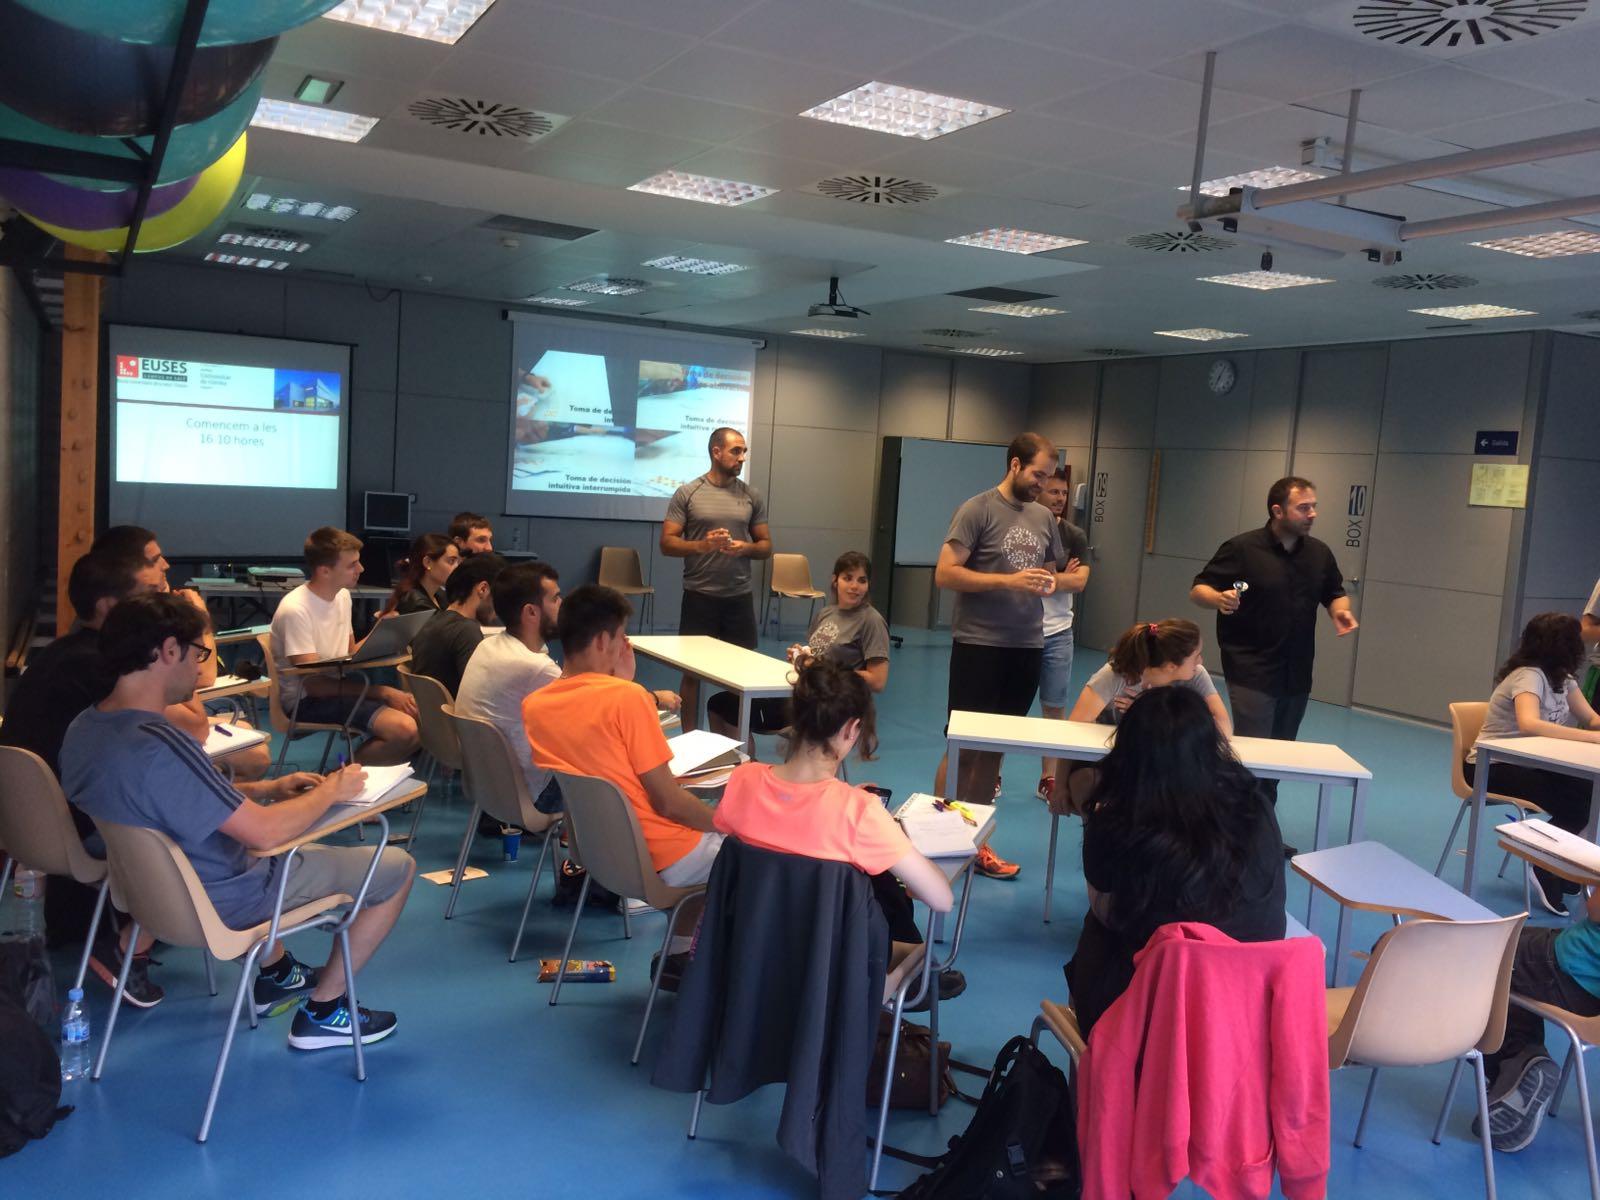 L'oferta de formació continuada d'EUSES per al curs 2017/18 en Ciències de l'Activitat Física i l'Esport inclou una jornada, un seminari i quatre cursos de post-Grau